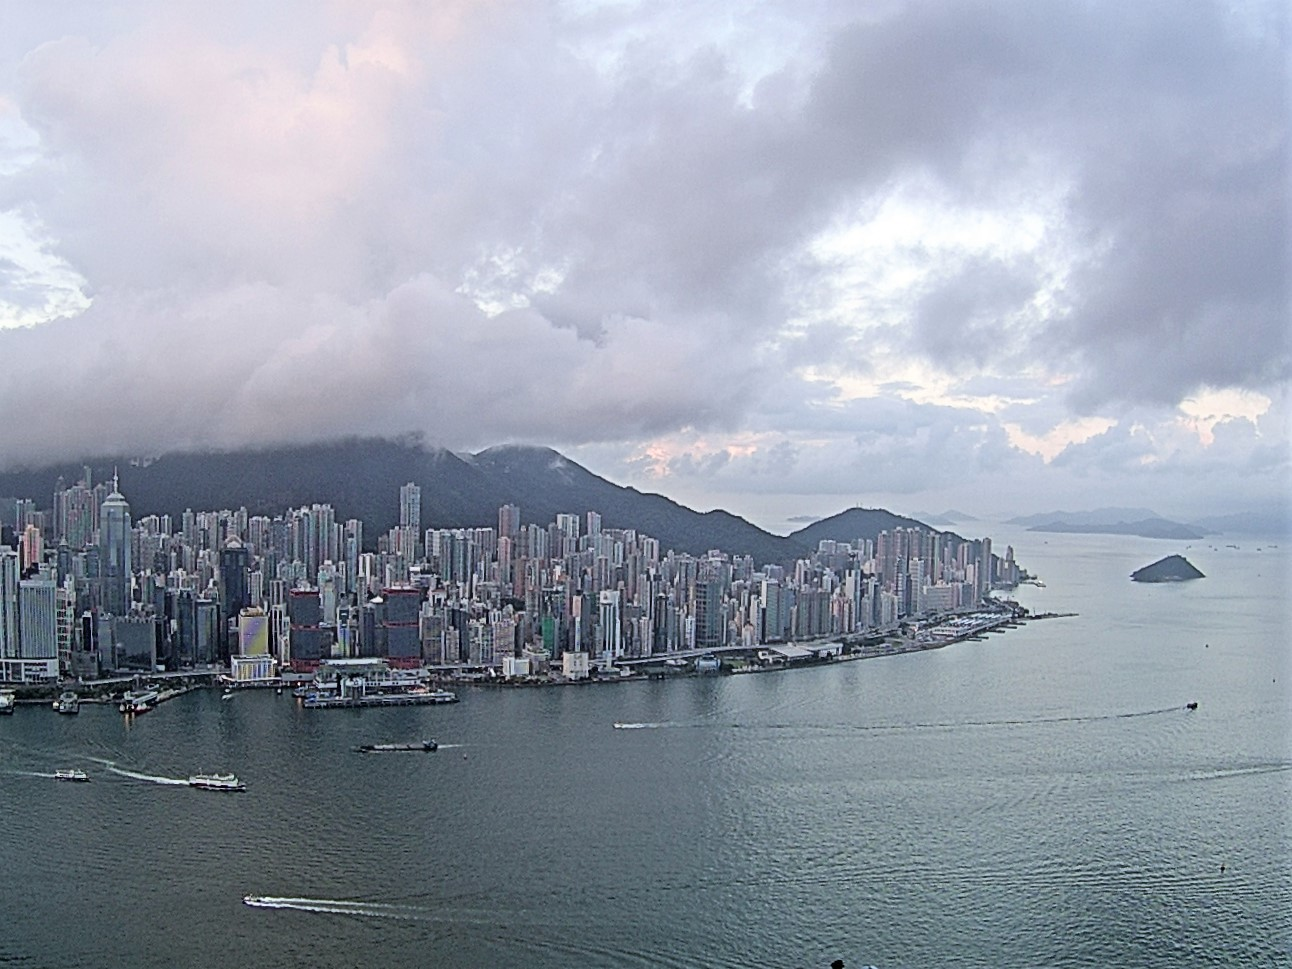 今日天致多云 有几阵骤雨